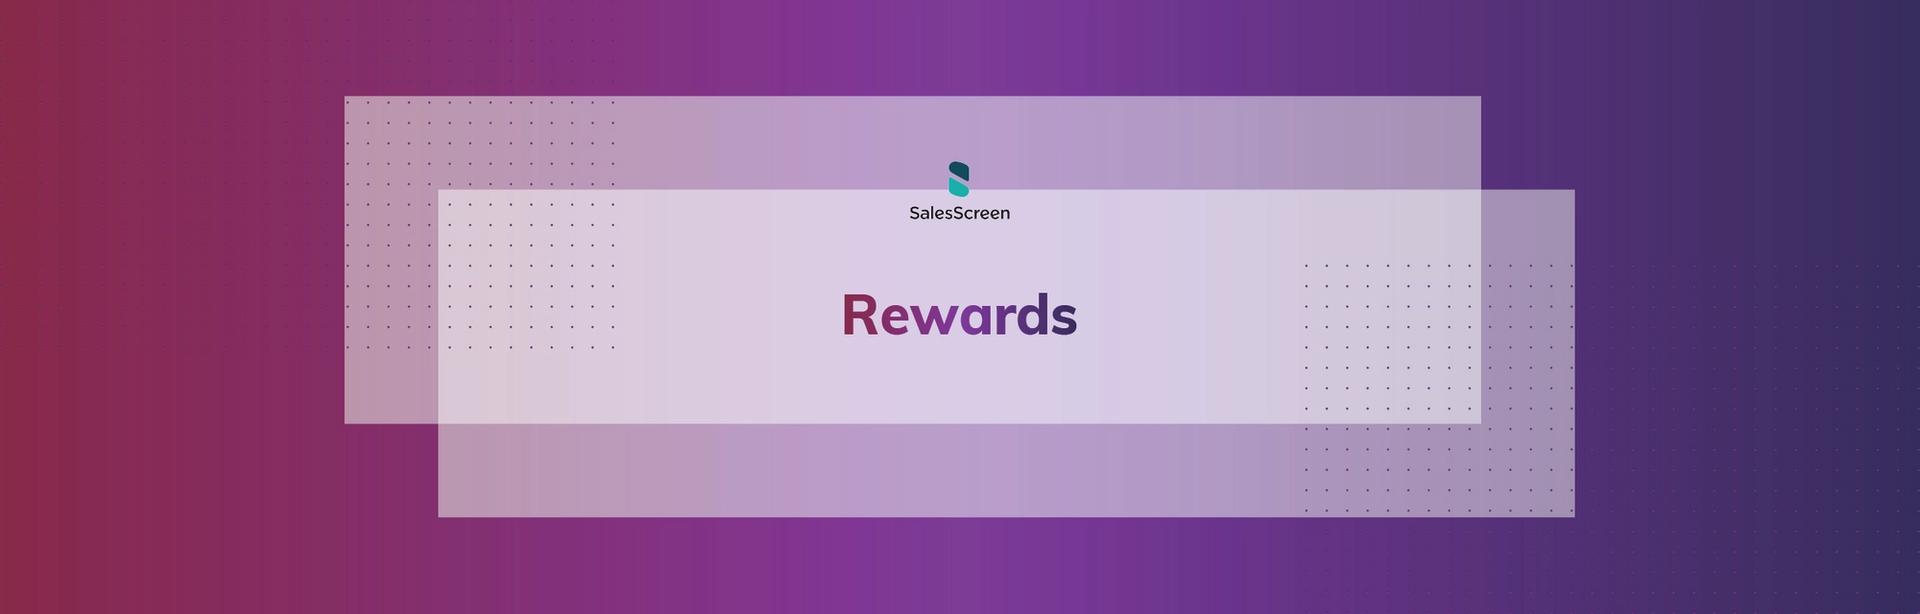 SalesScreen Rewards